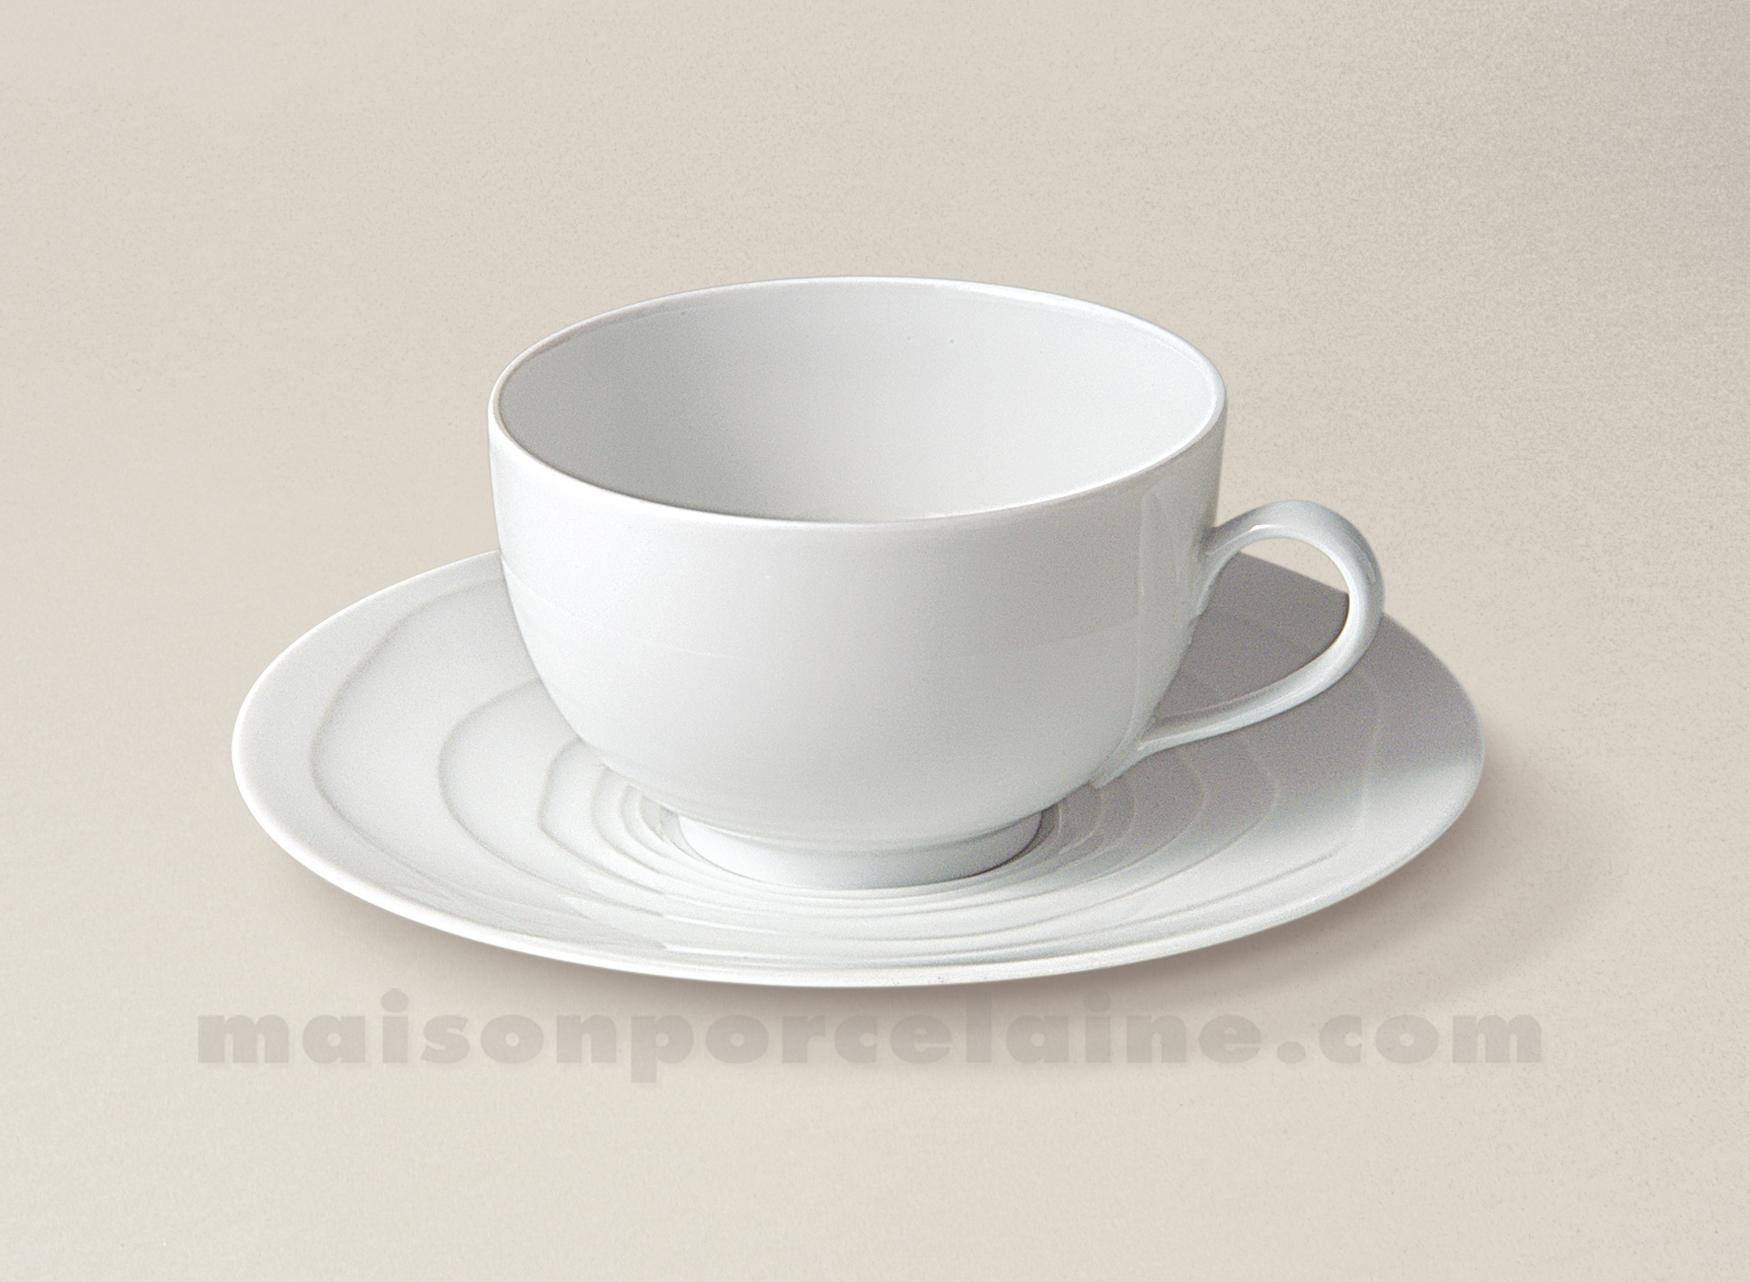 tasse the soucoupe limoges porcelaine blanche onde gravee. Black Bedroom Furniture Sets. Home Design Ideas